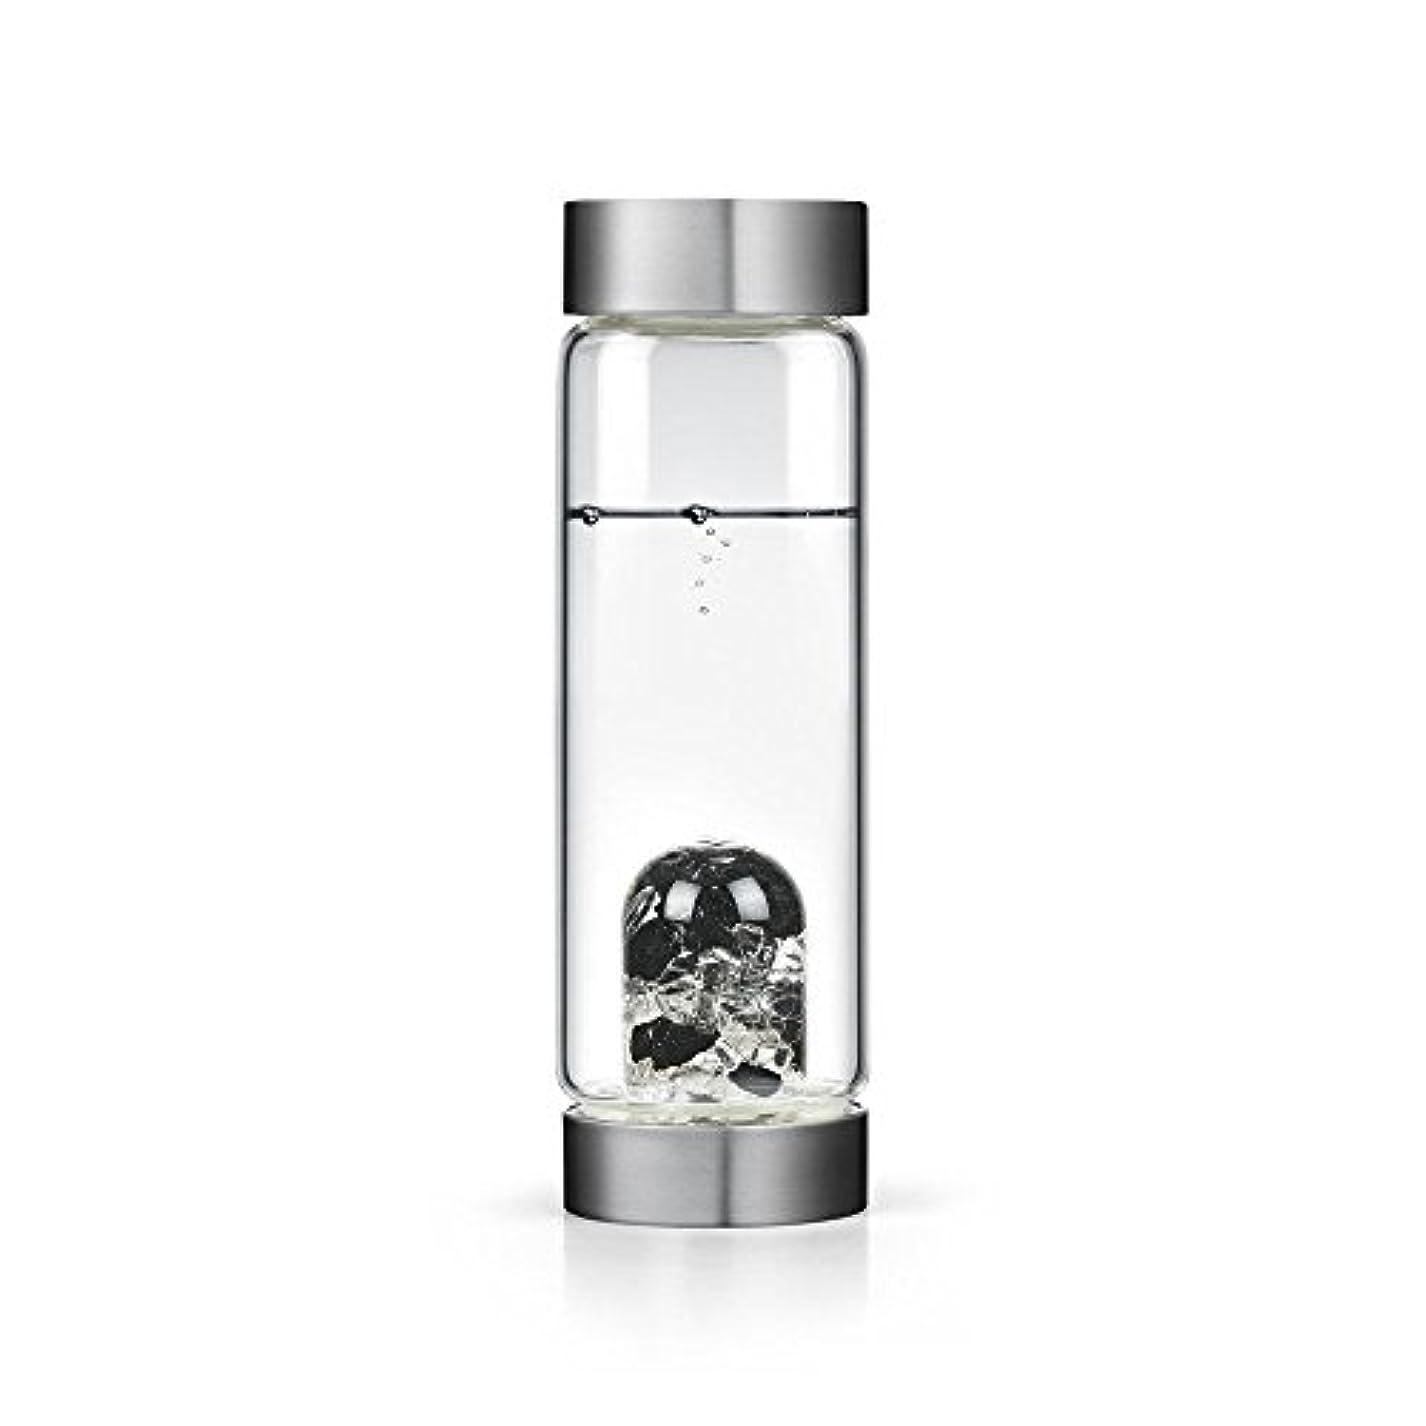 ビジョンクリスタルエディションgem-waterボトルby VitaJuwel W / Freeカリフォルニアホワイトセージバンドル 16.9 fl oz